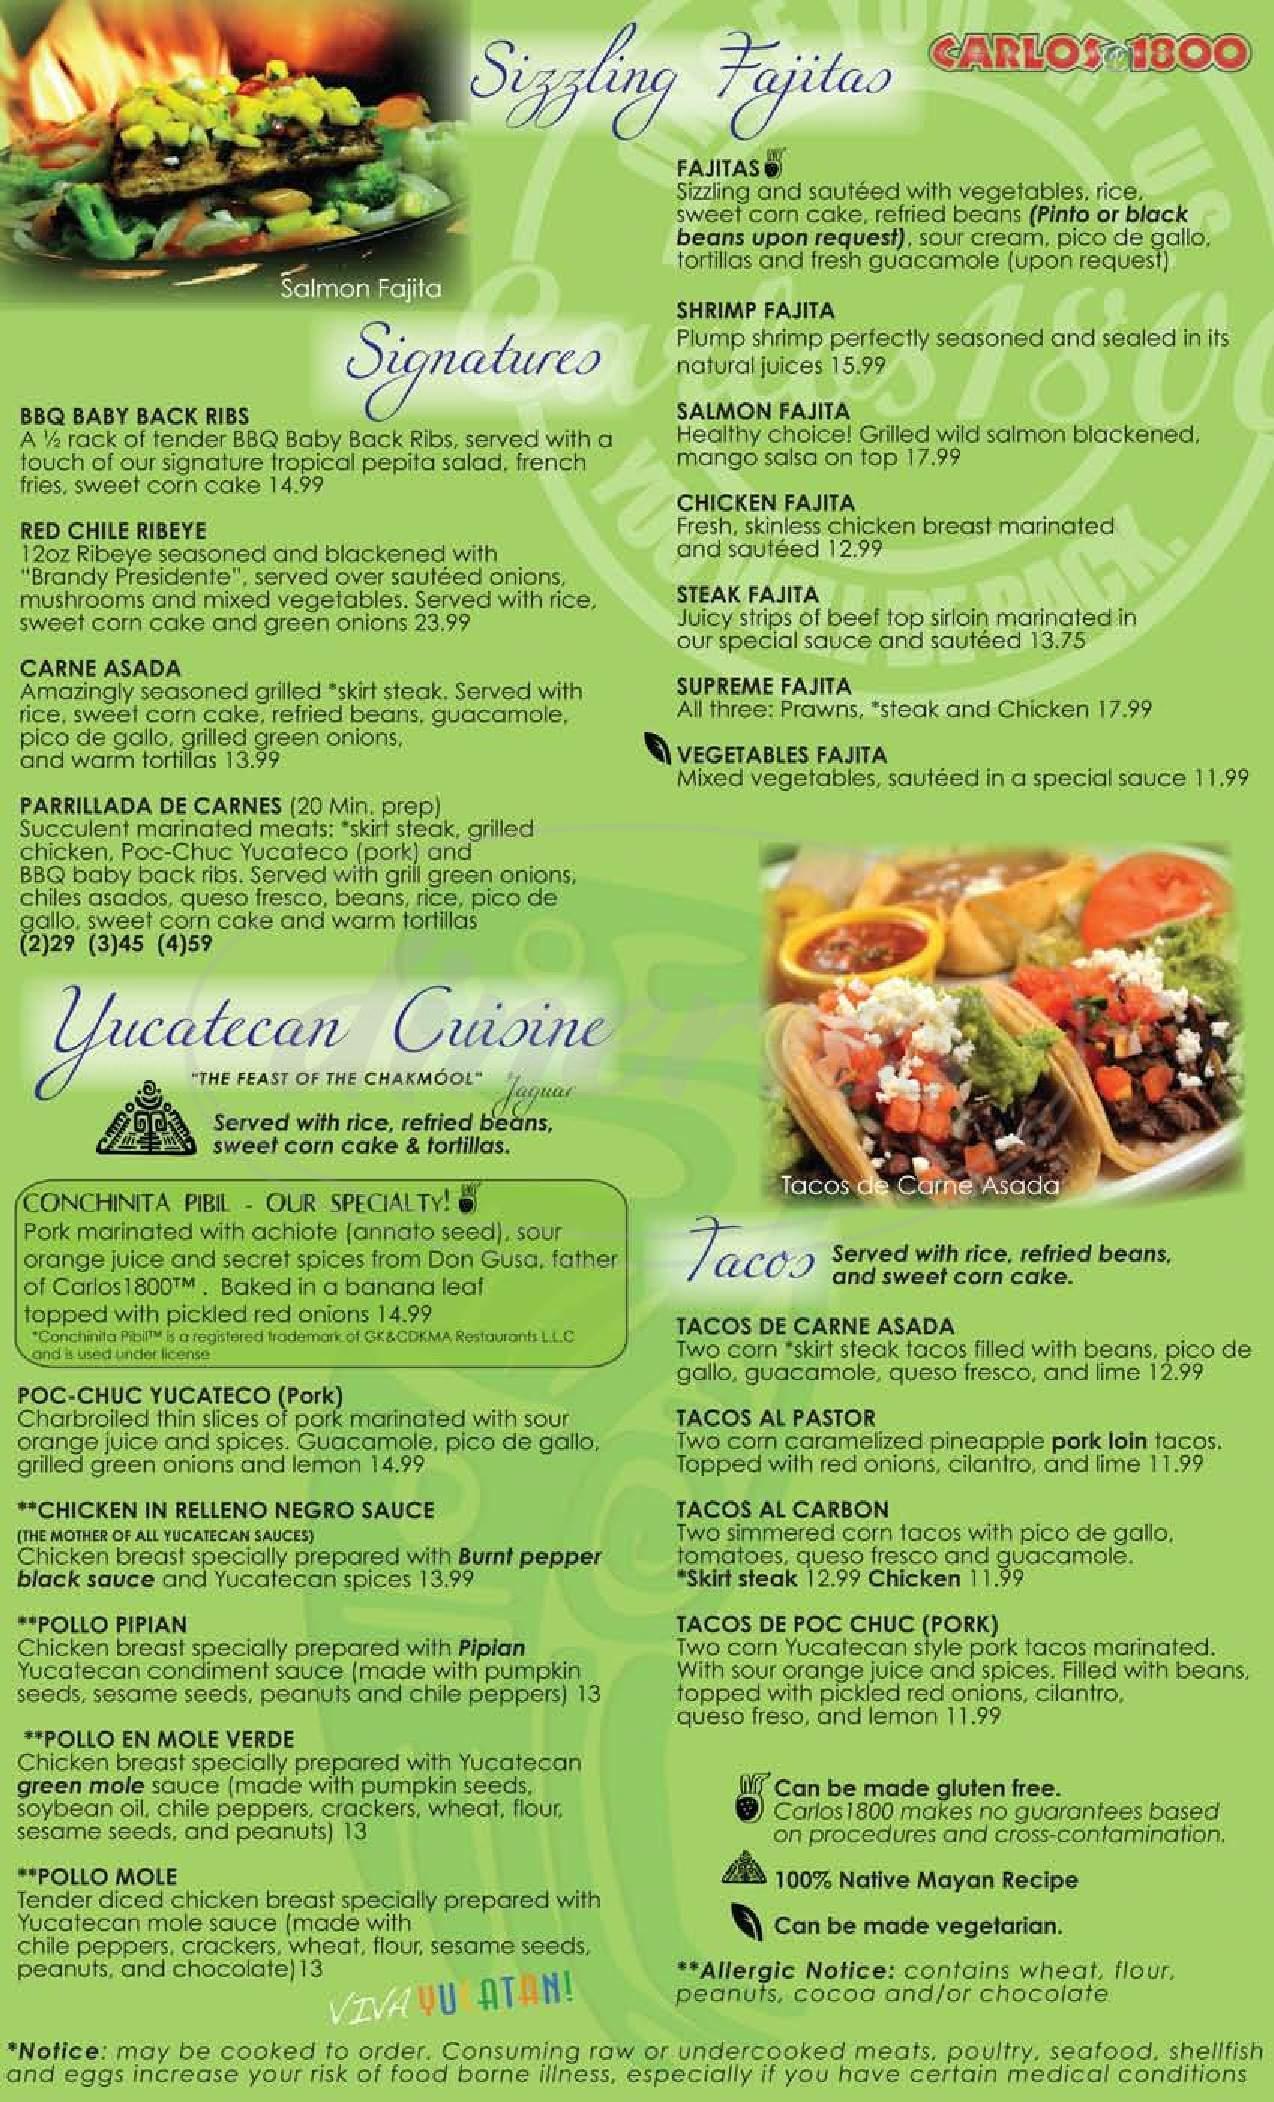 menu for Carlos1800